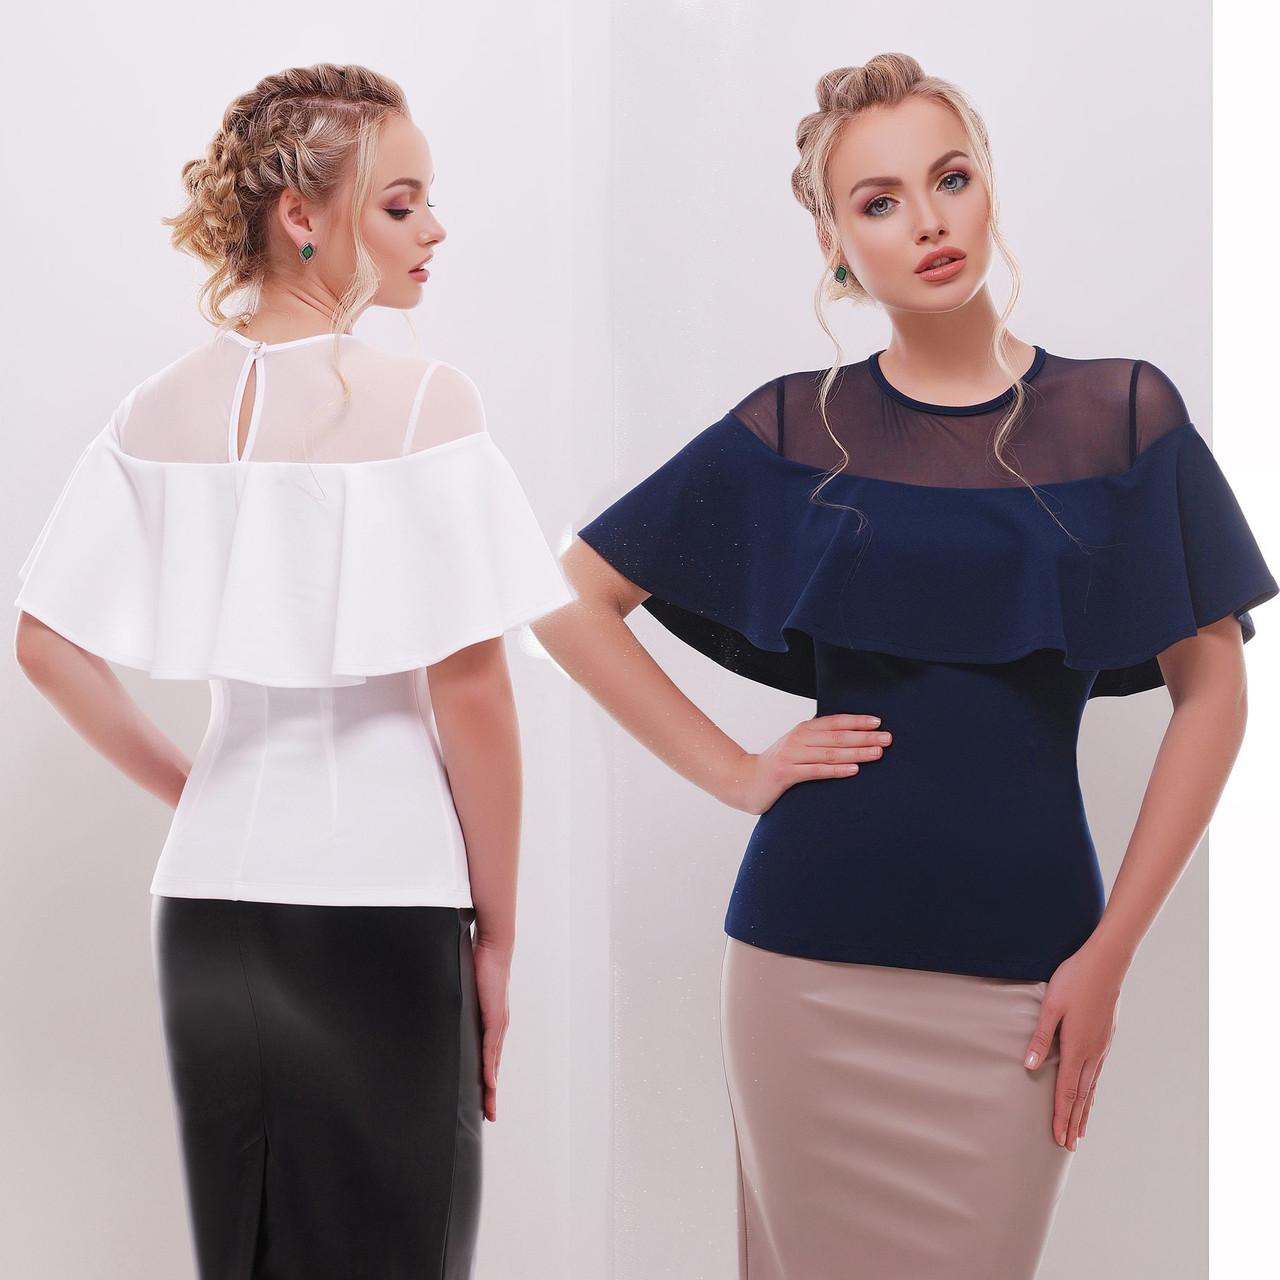 a8a21aa327a6 Купить Женская летняя блузка с воланом на плечах и прозрачной ...